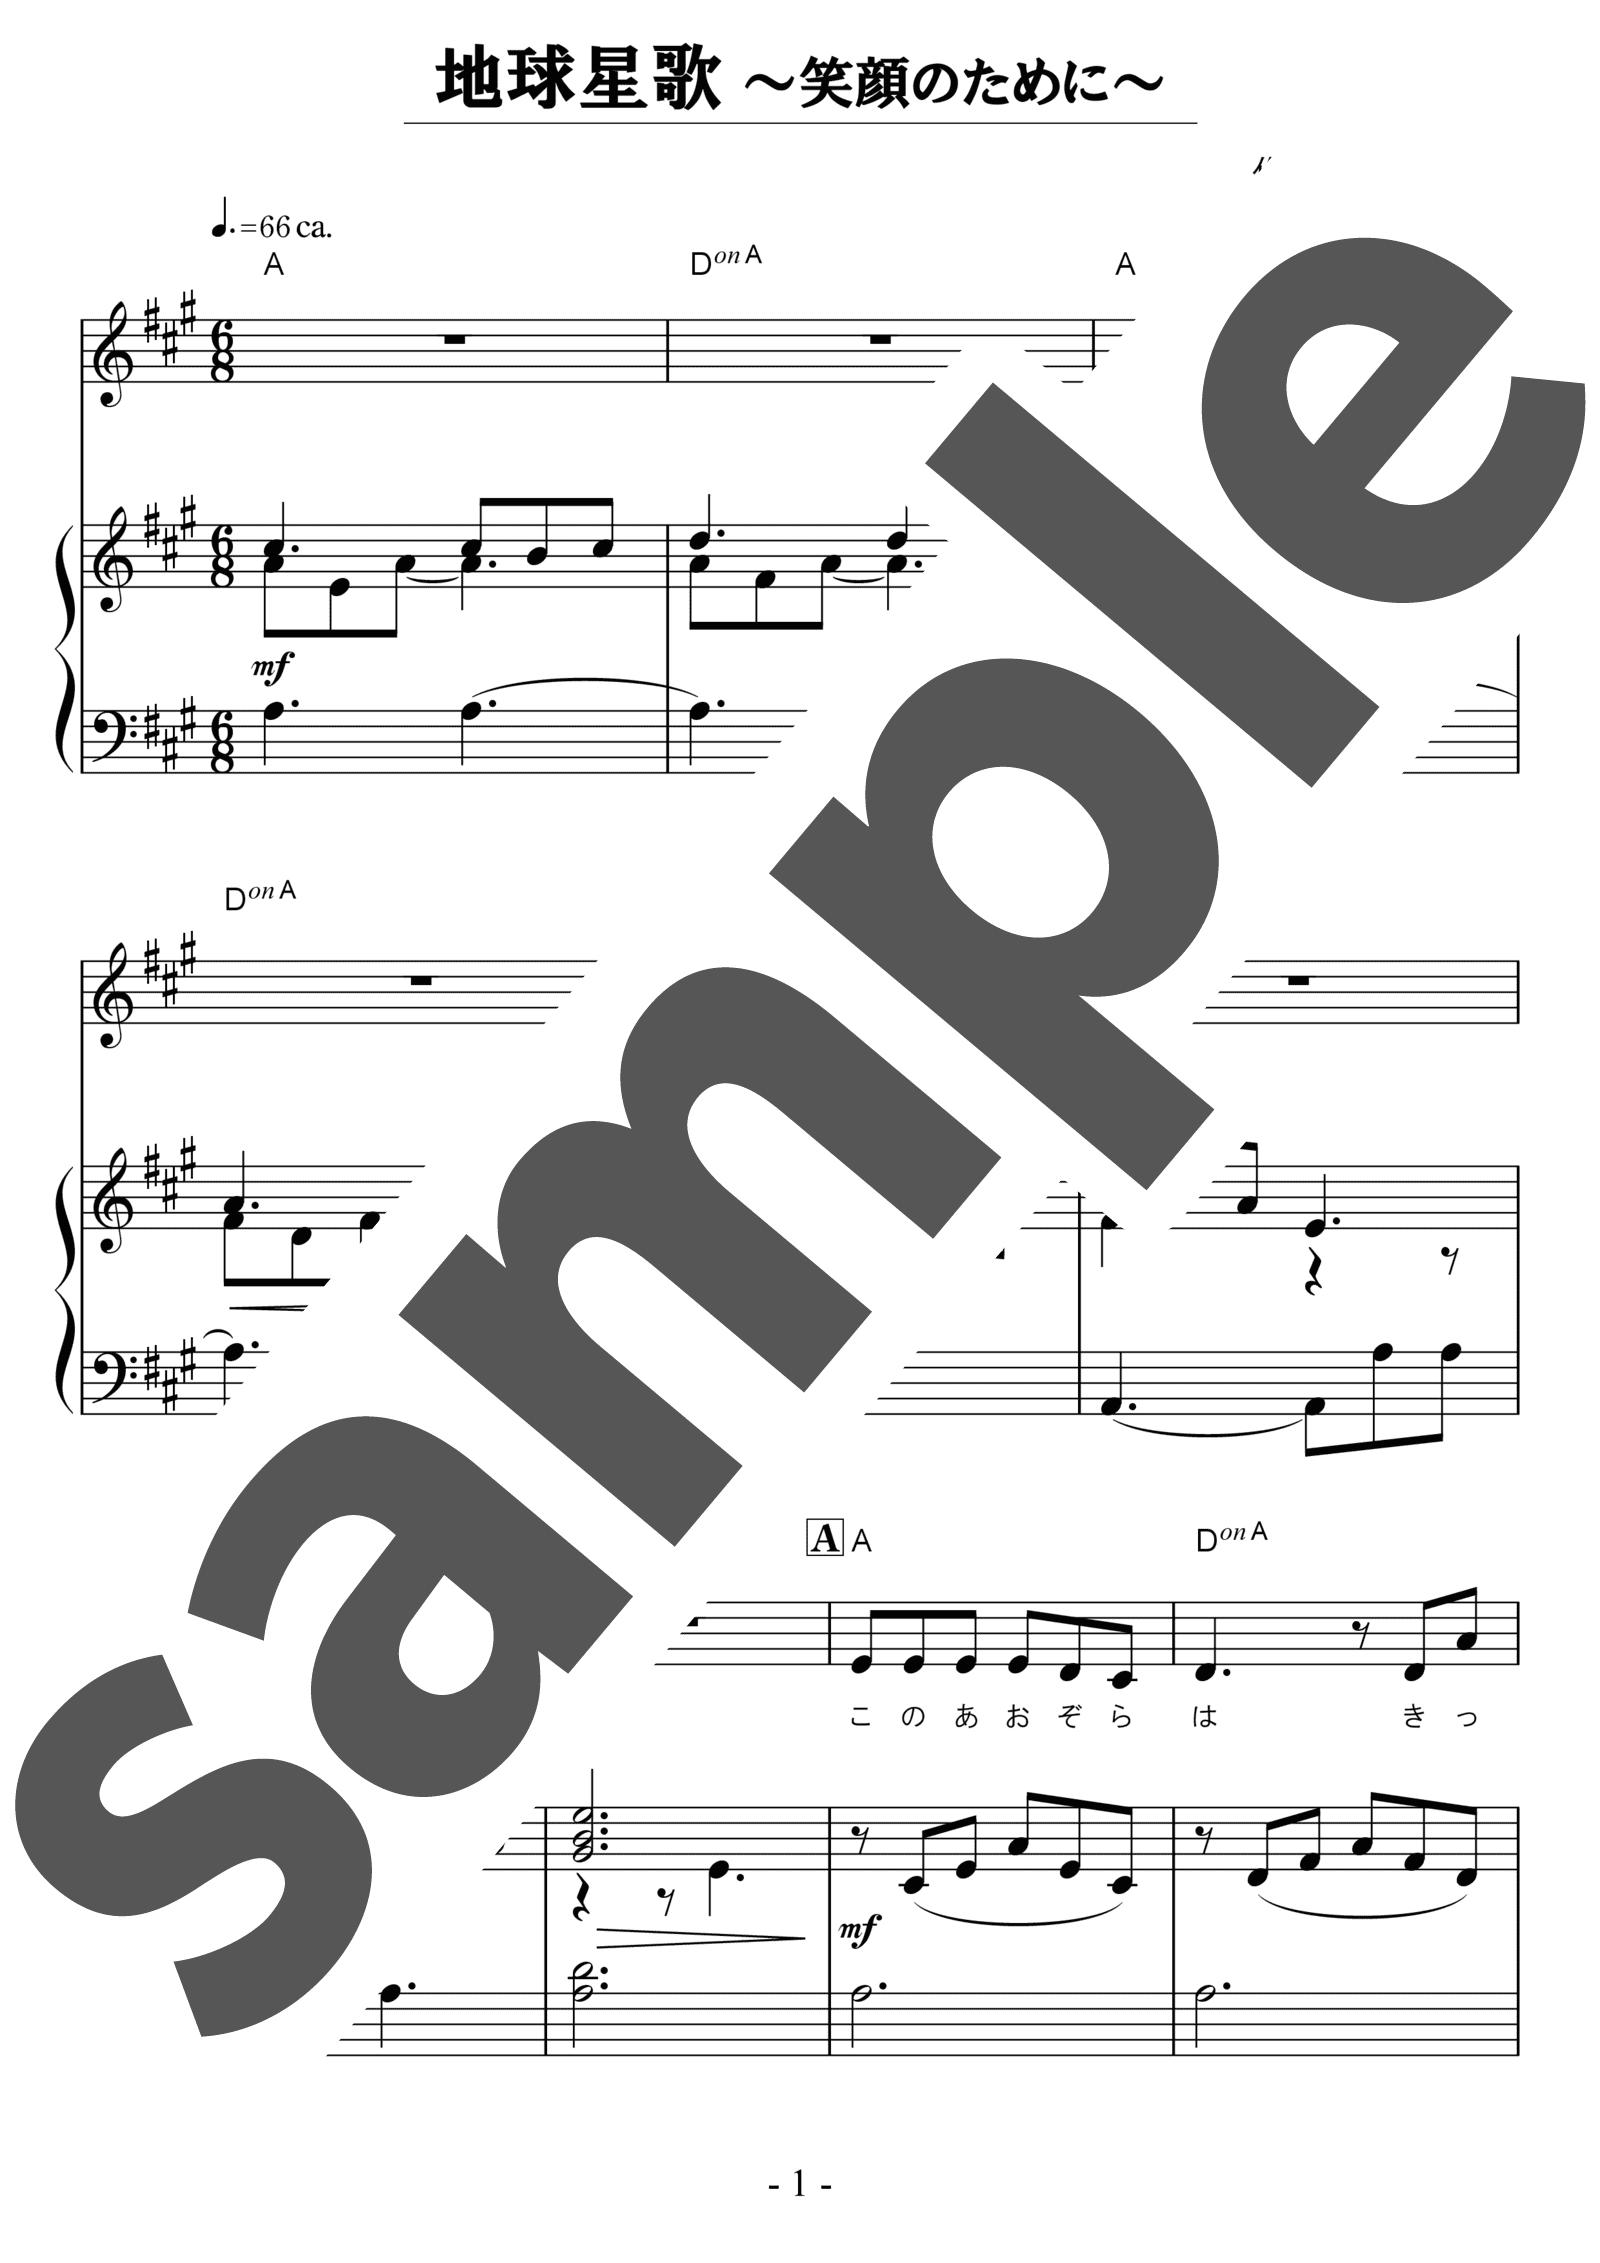 「地球星歌~笑顔のために~」のサンプル楽譜